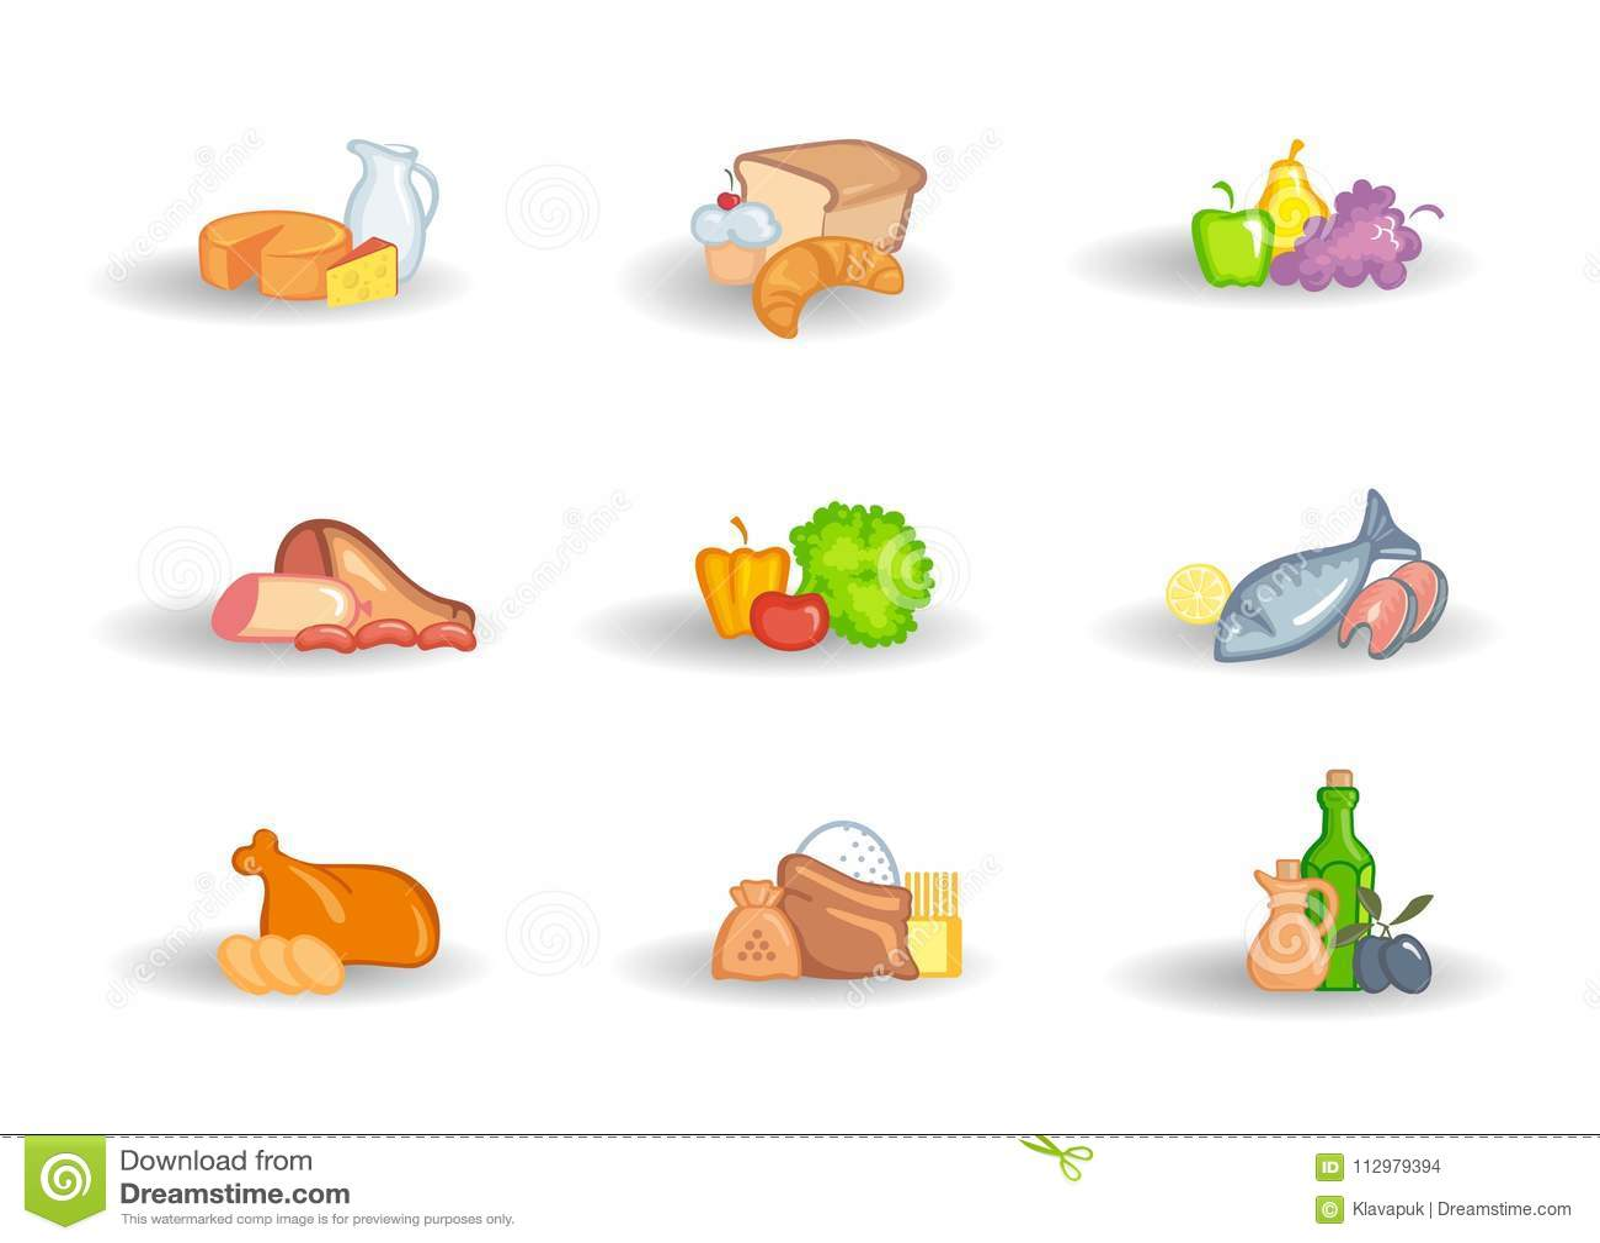 Supermarket food sets